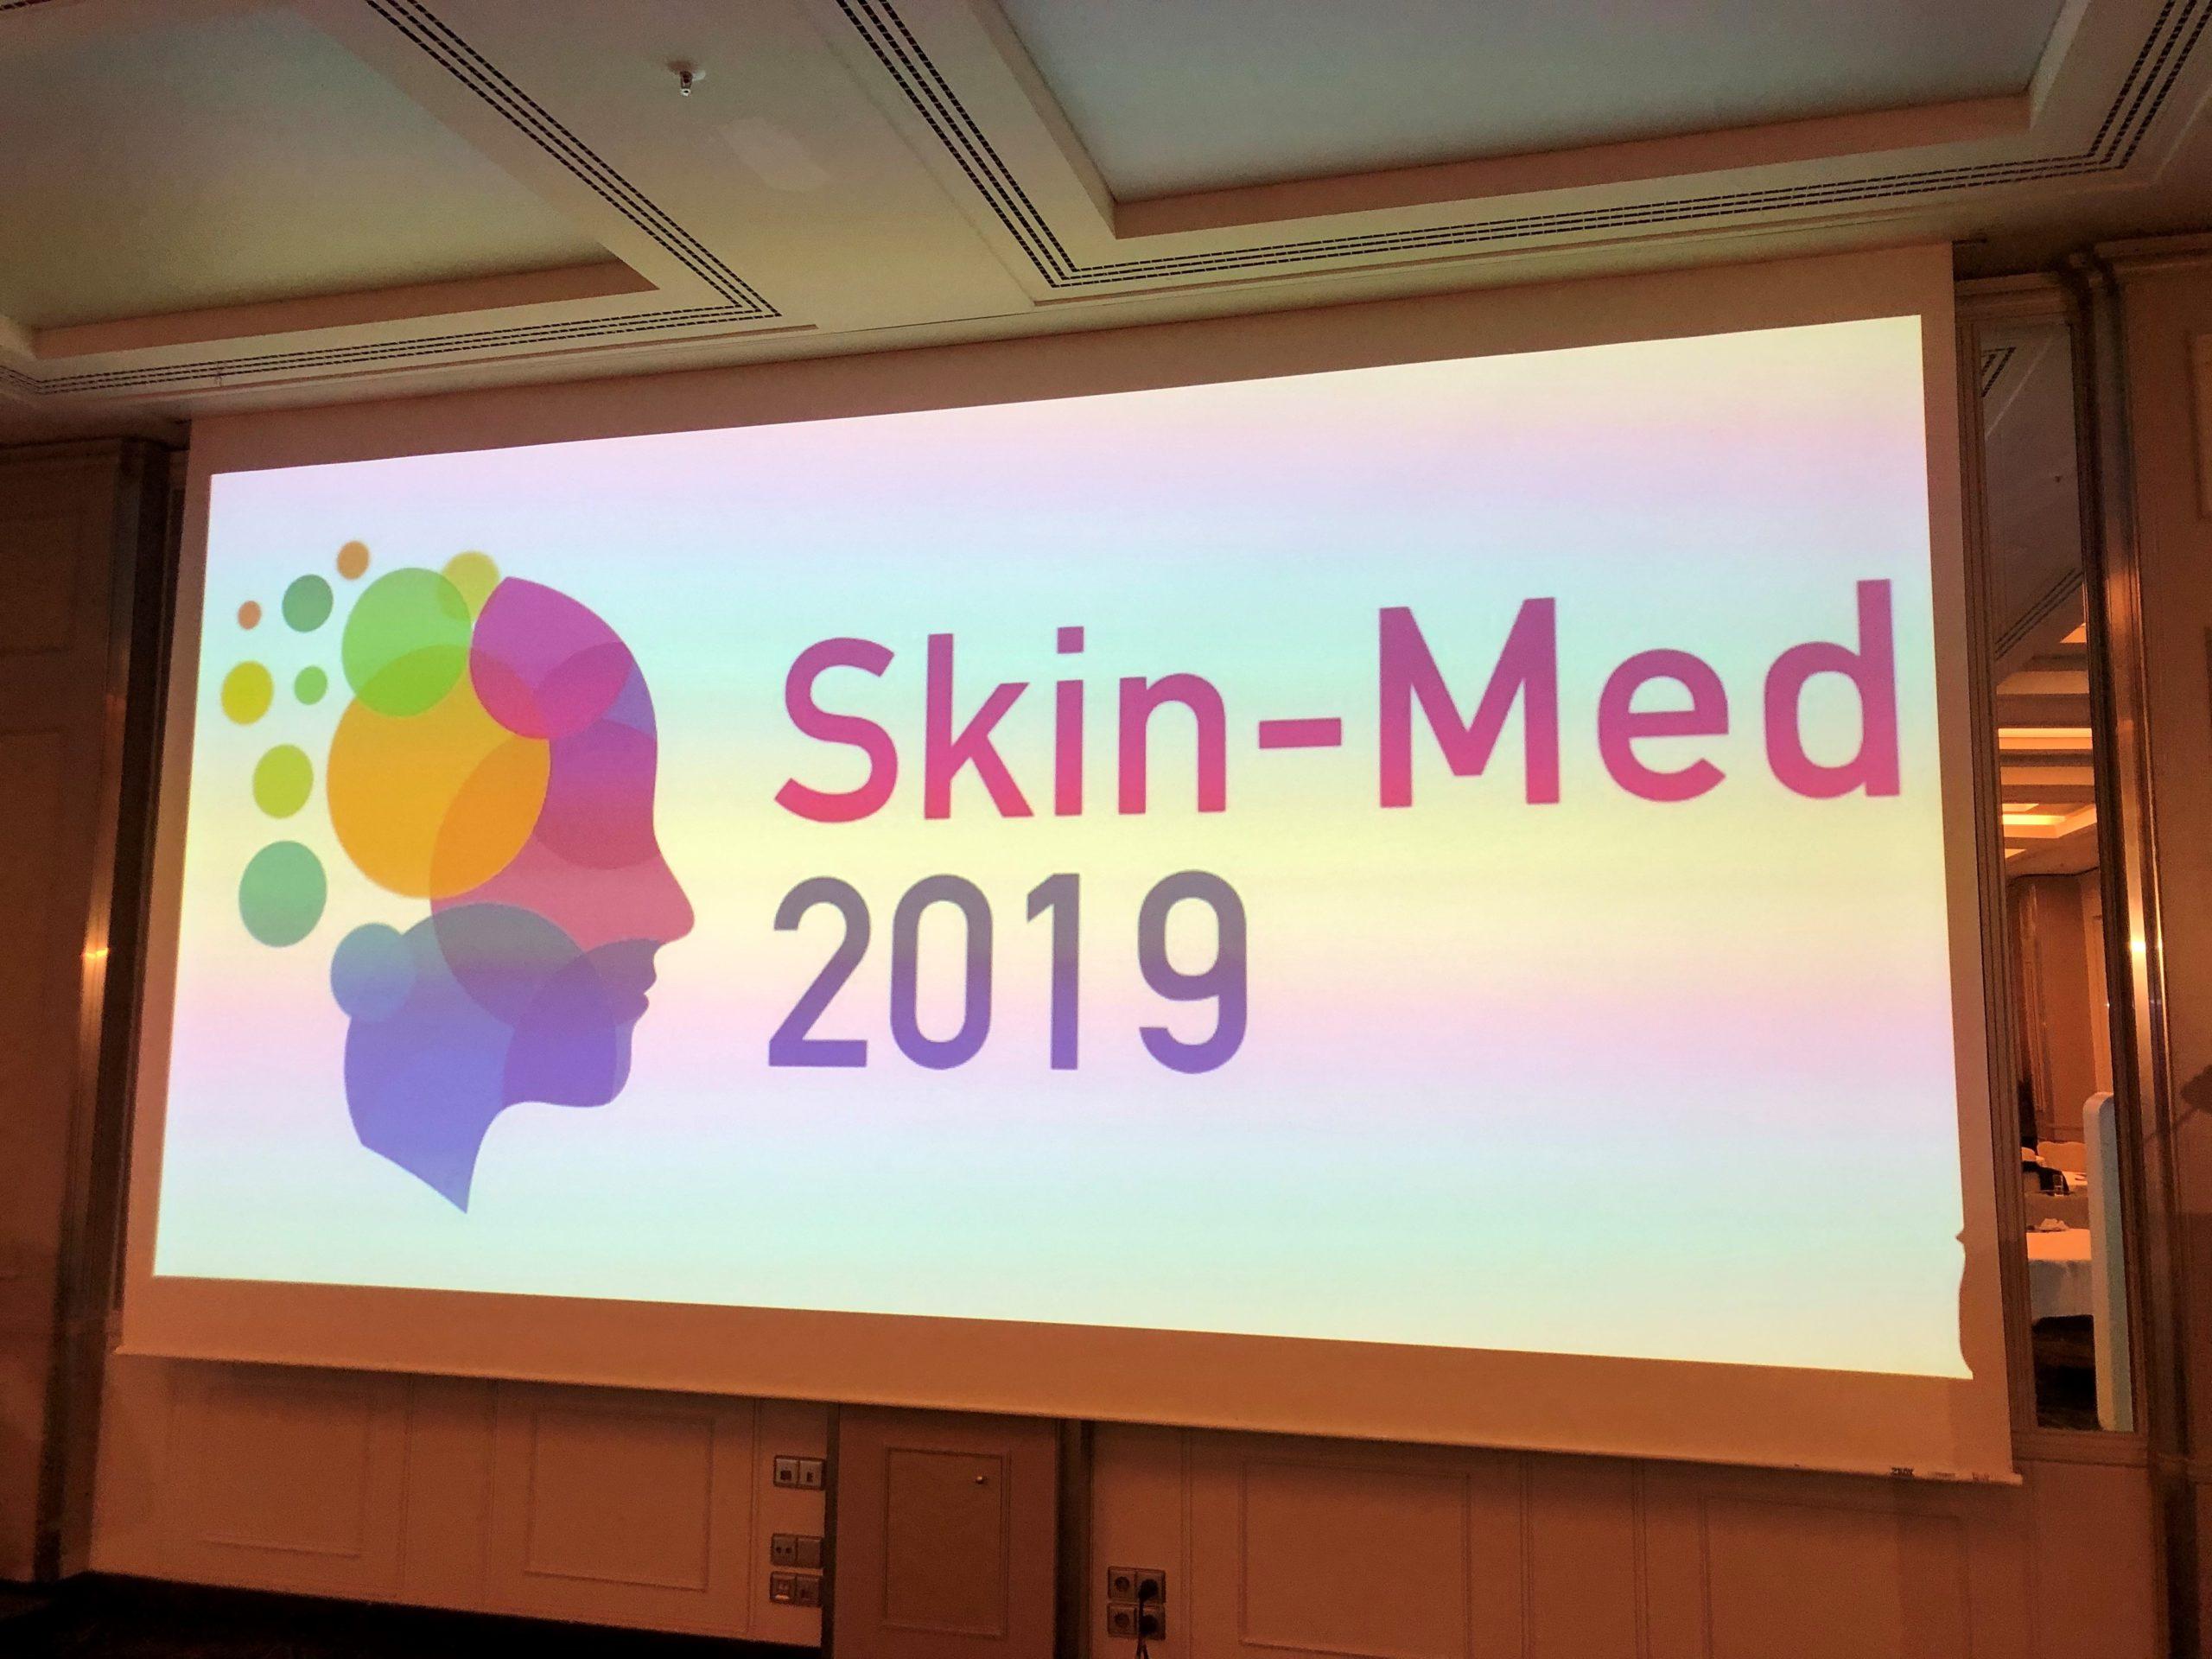 Skin Med 2019